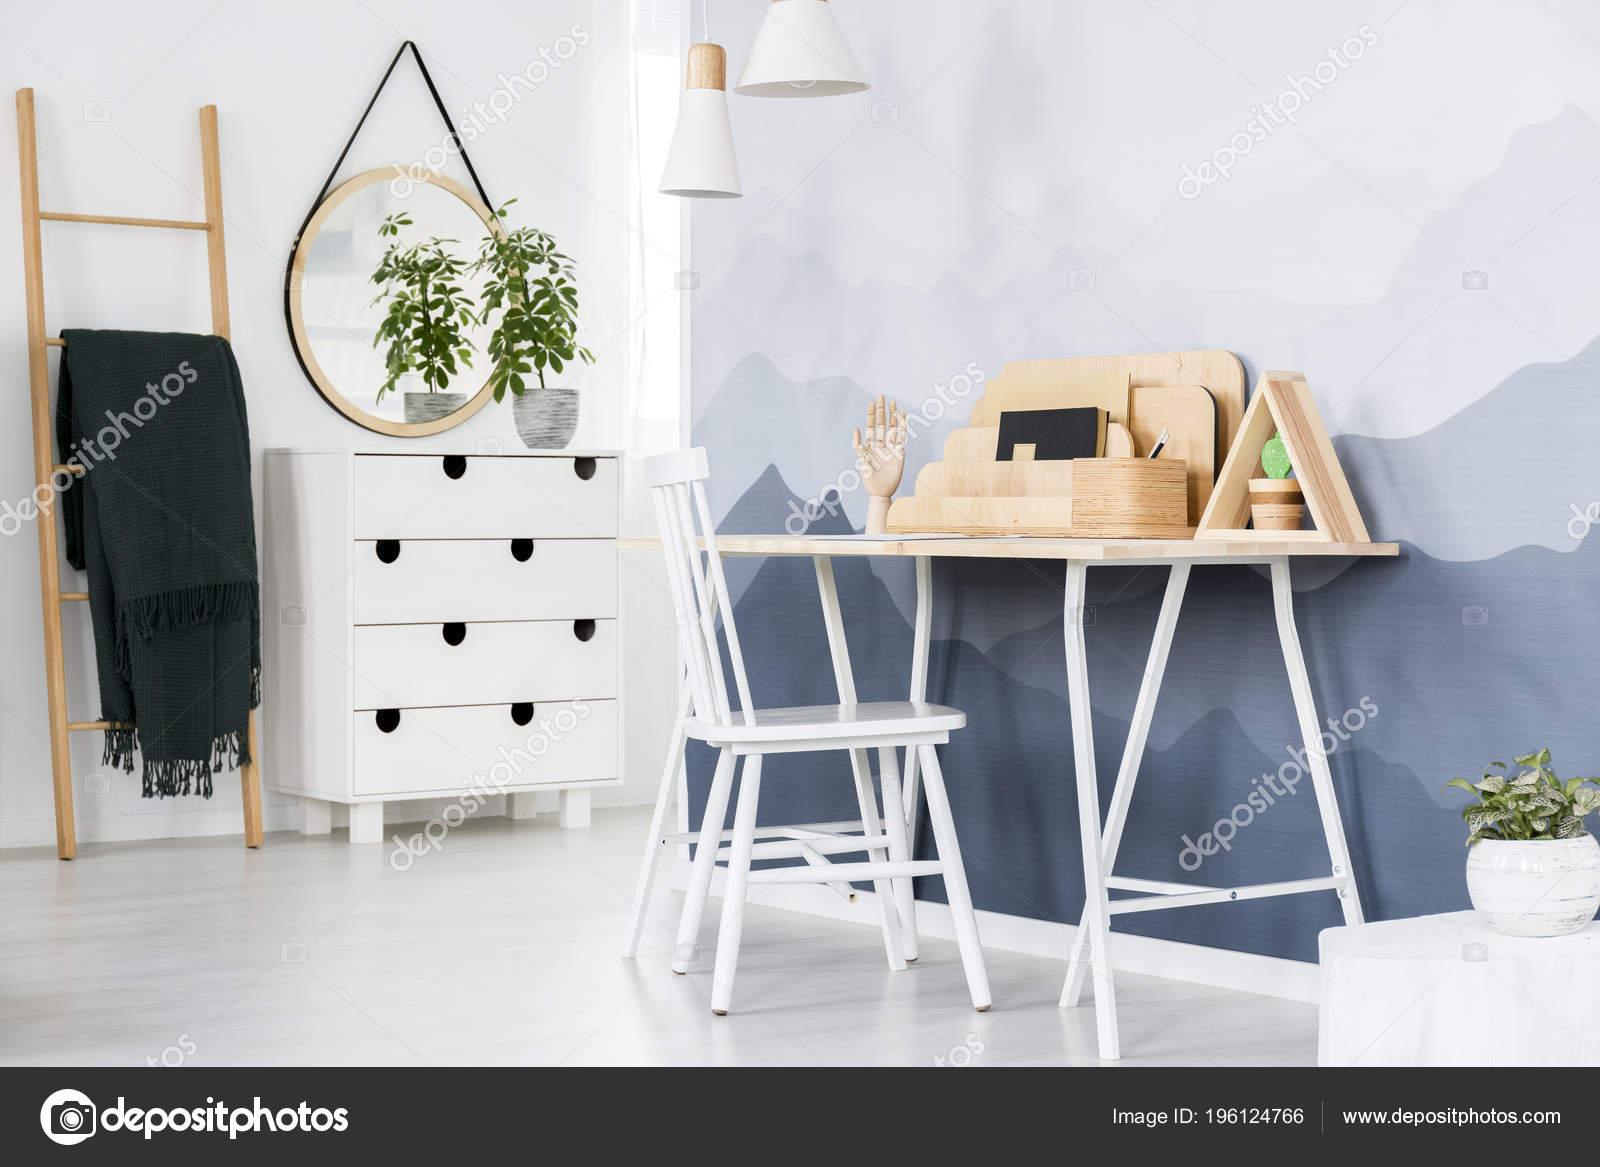 Weisser Stuhl Schreibtisch Mit Holzernen Veranstalter Stehen Gegen